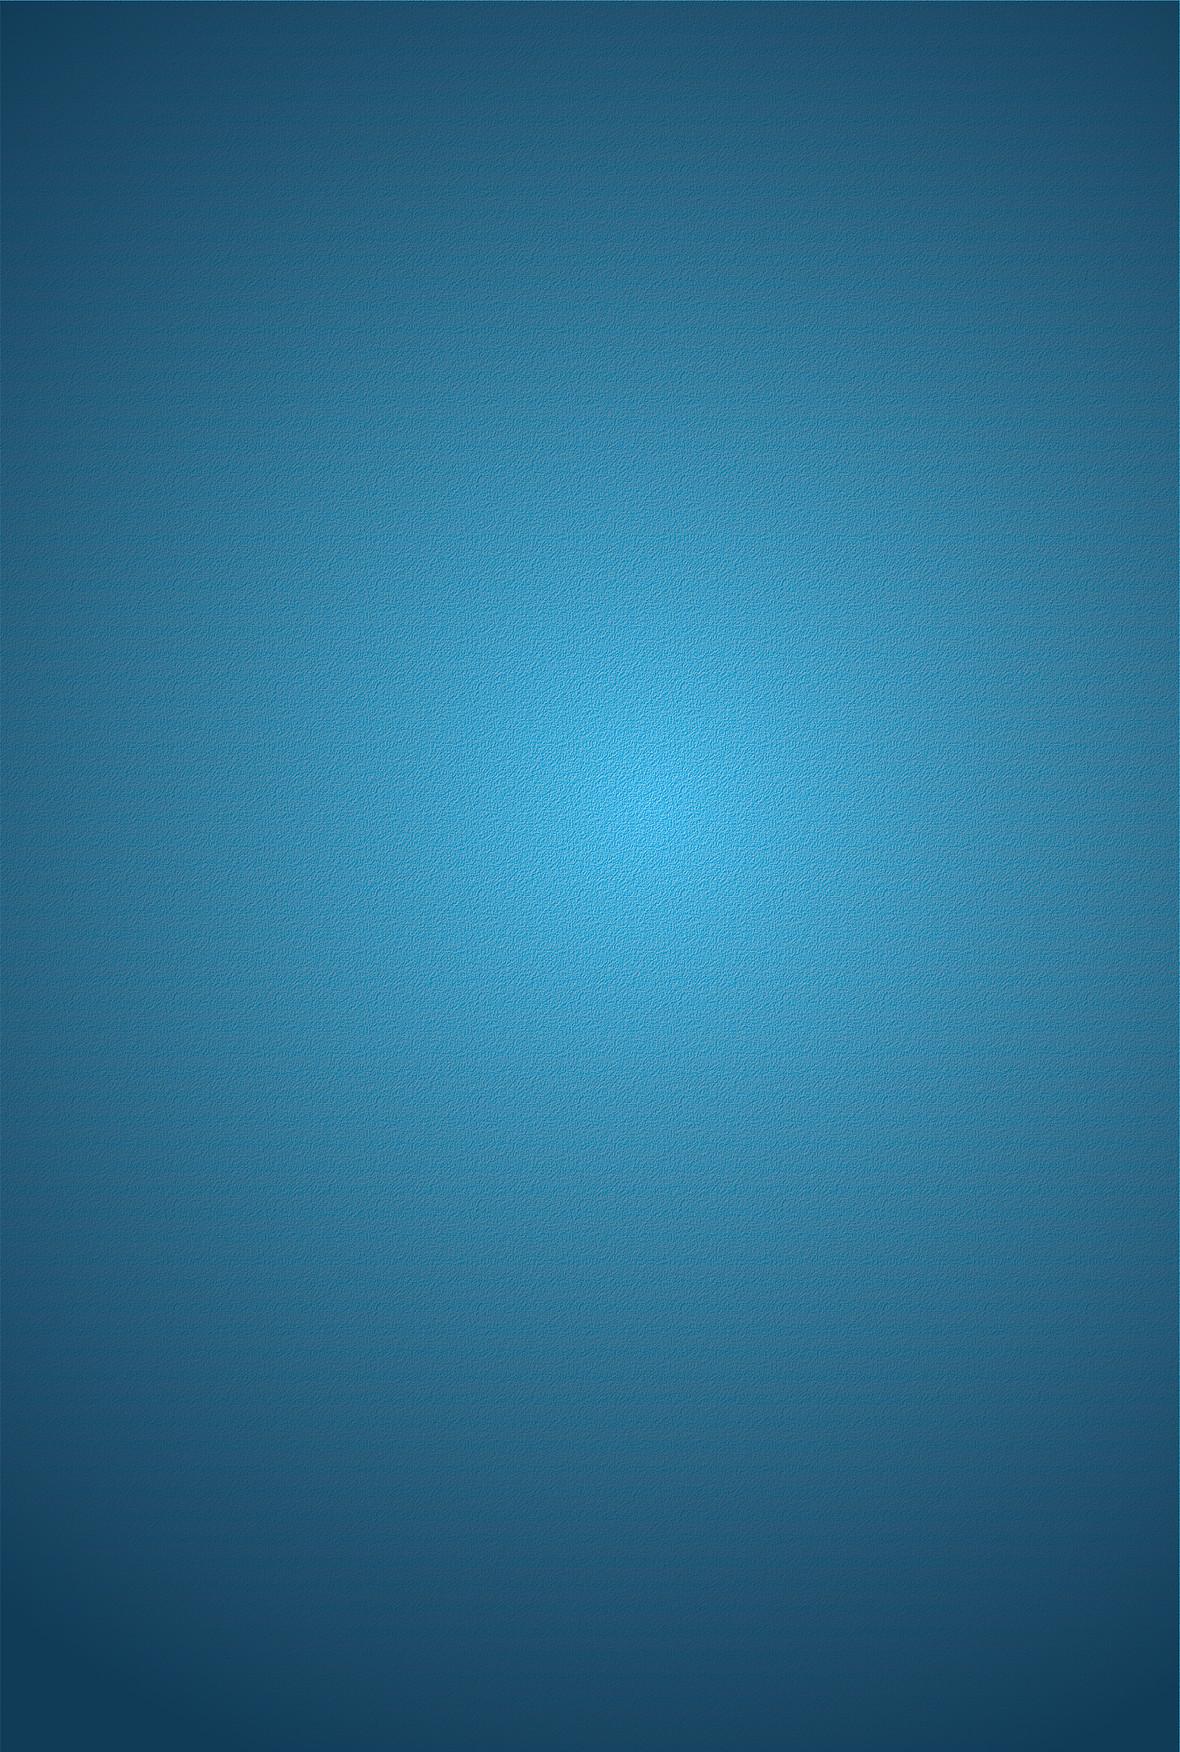 简约蓝色背景素材